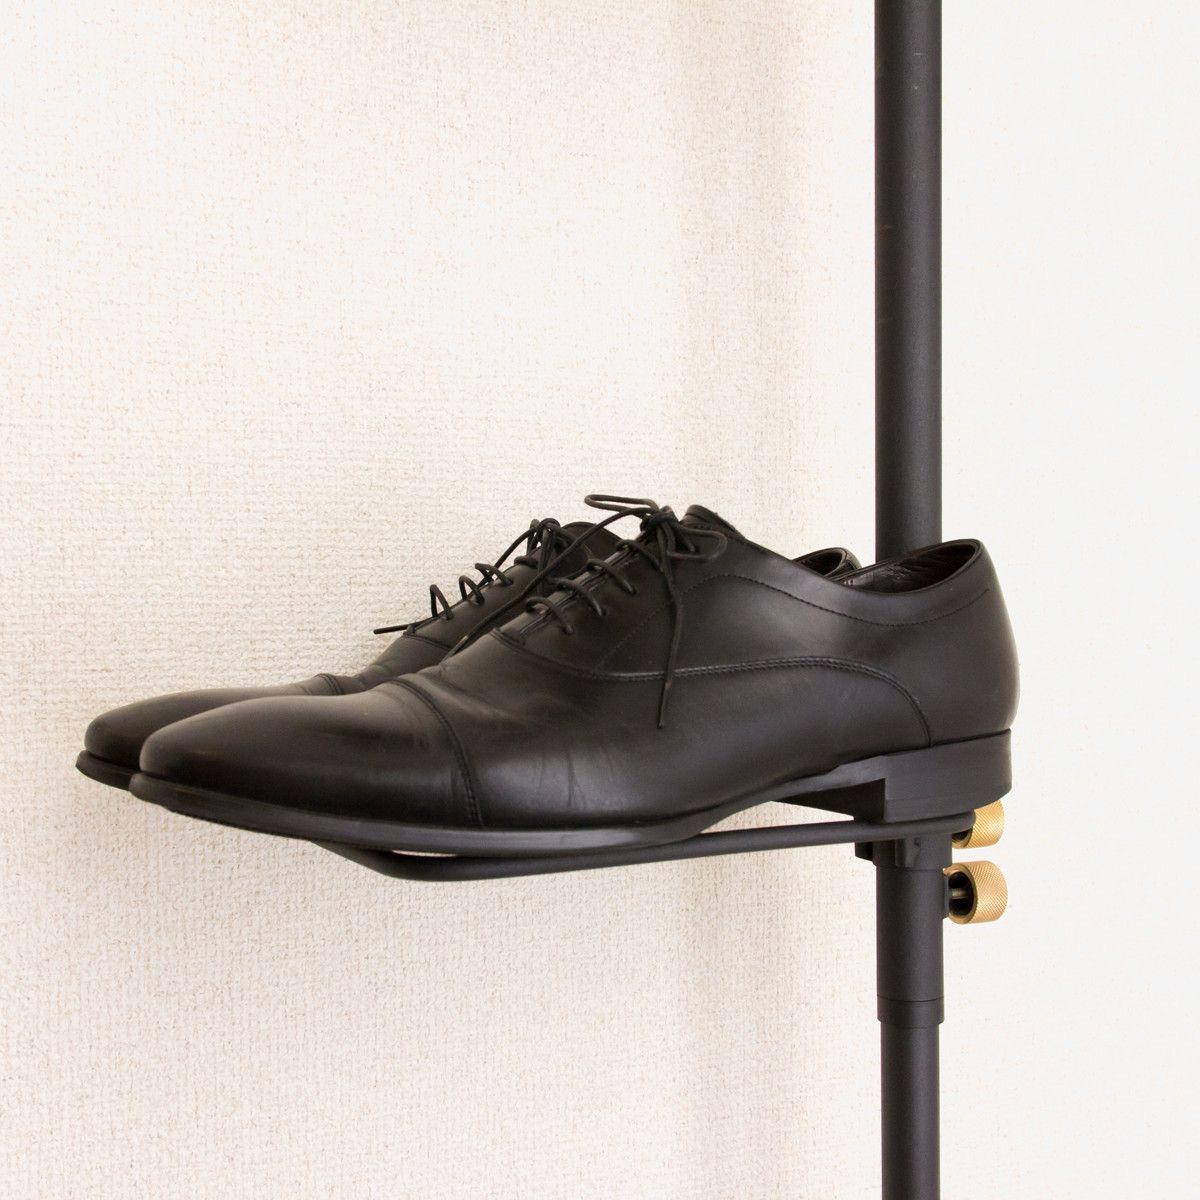 シューラック 1本の線 に 靴や傘を収納できる つっぱり棒 Draw A Line 靴 傘 家の鍵